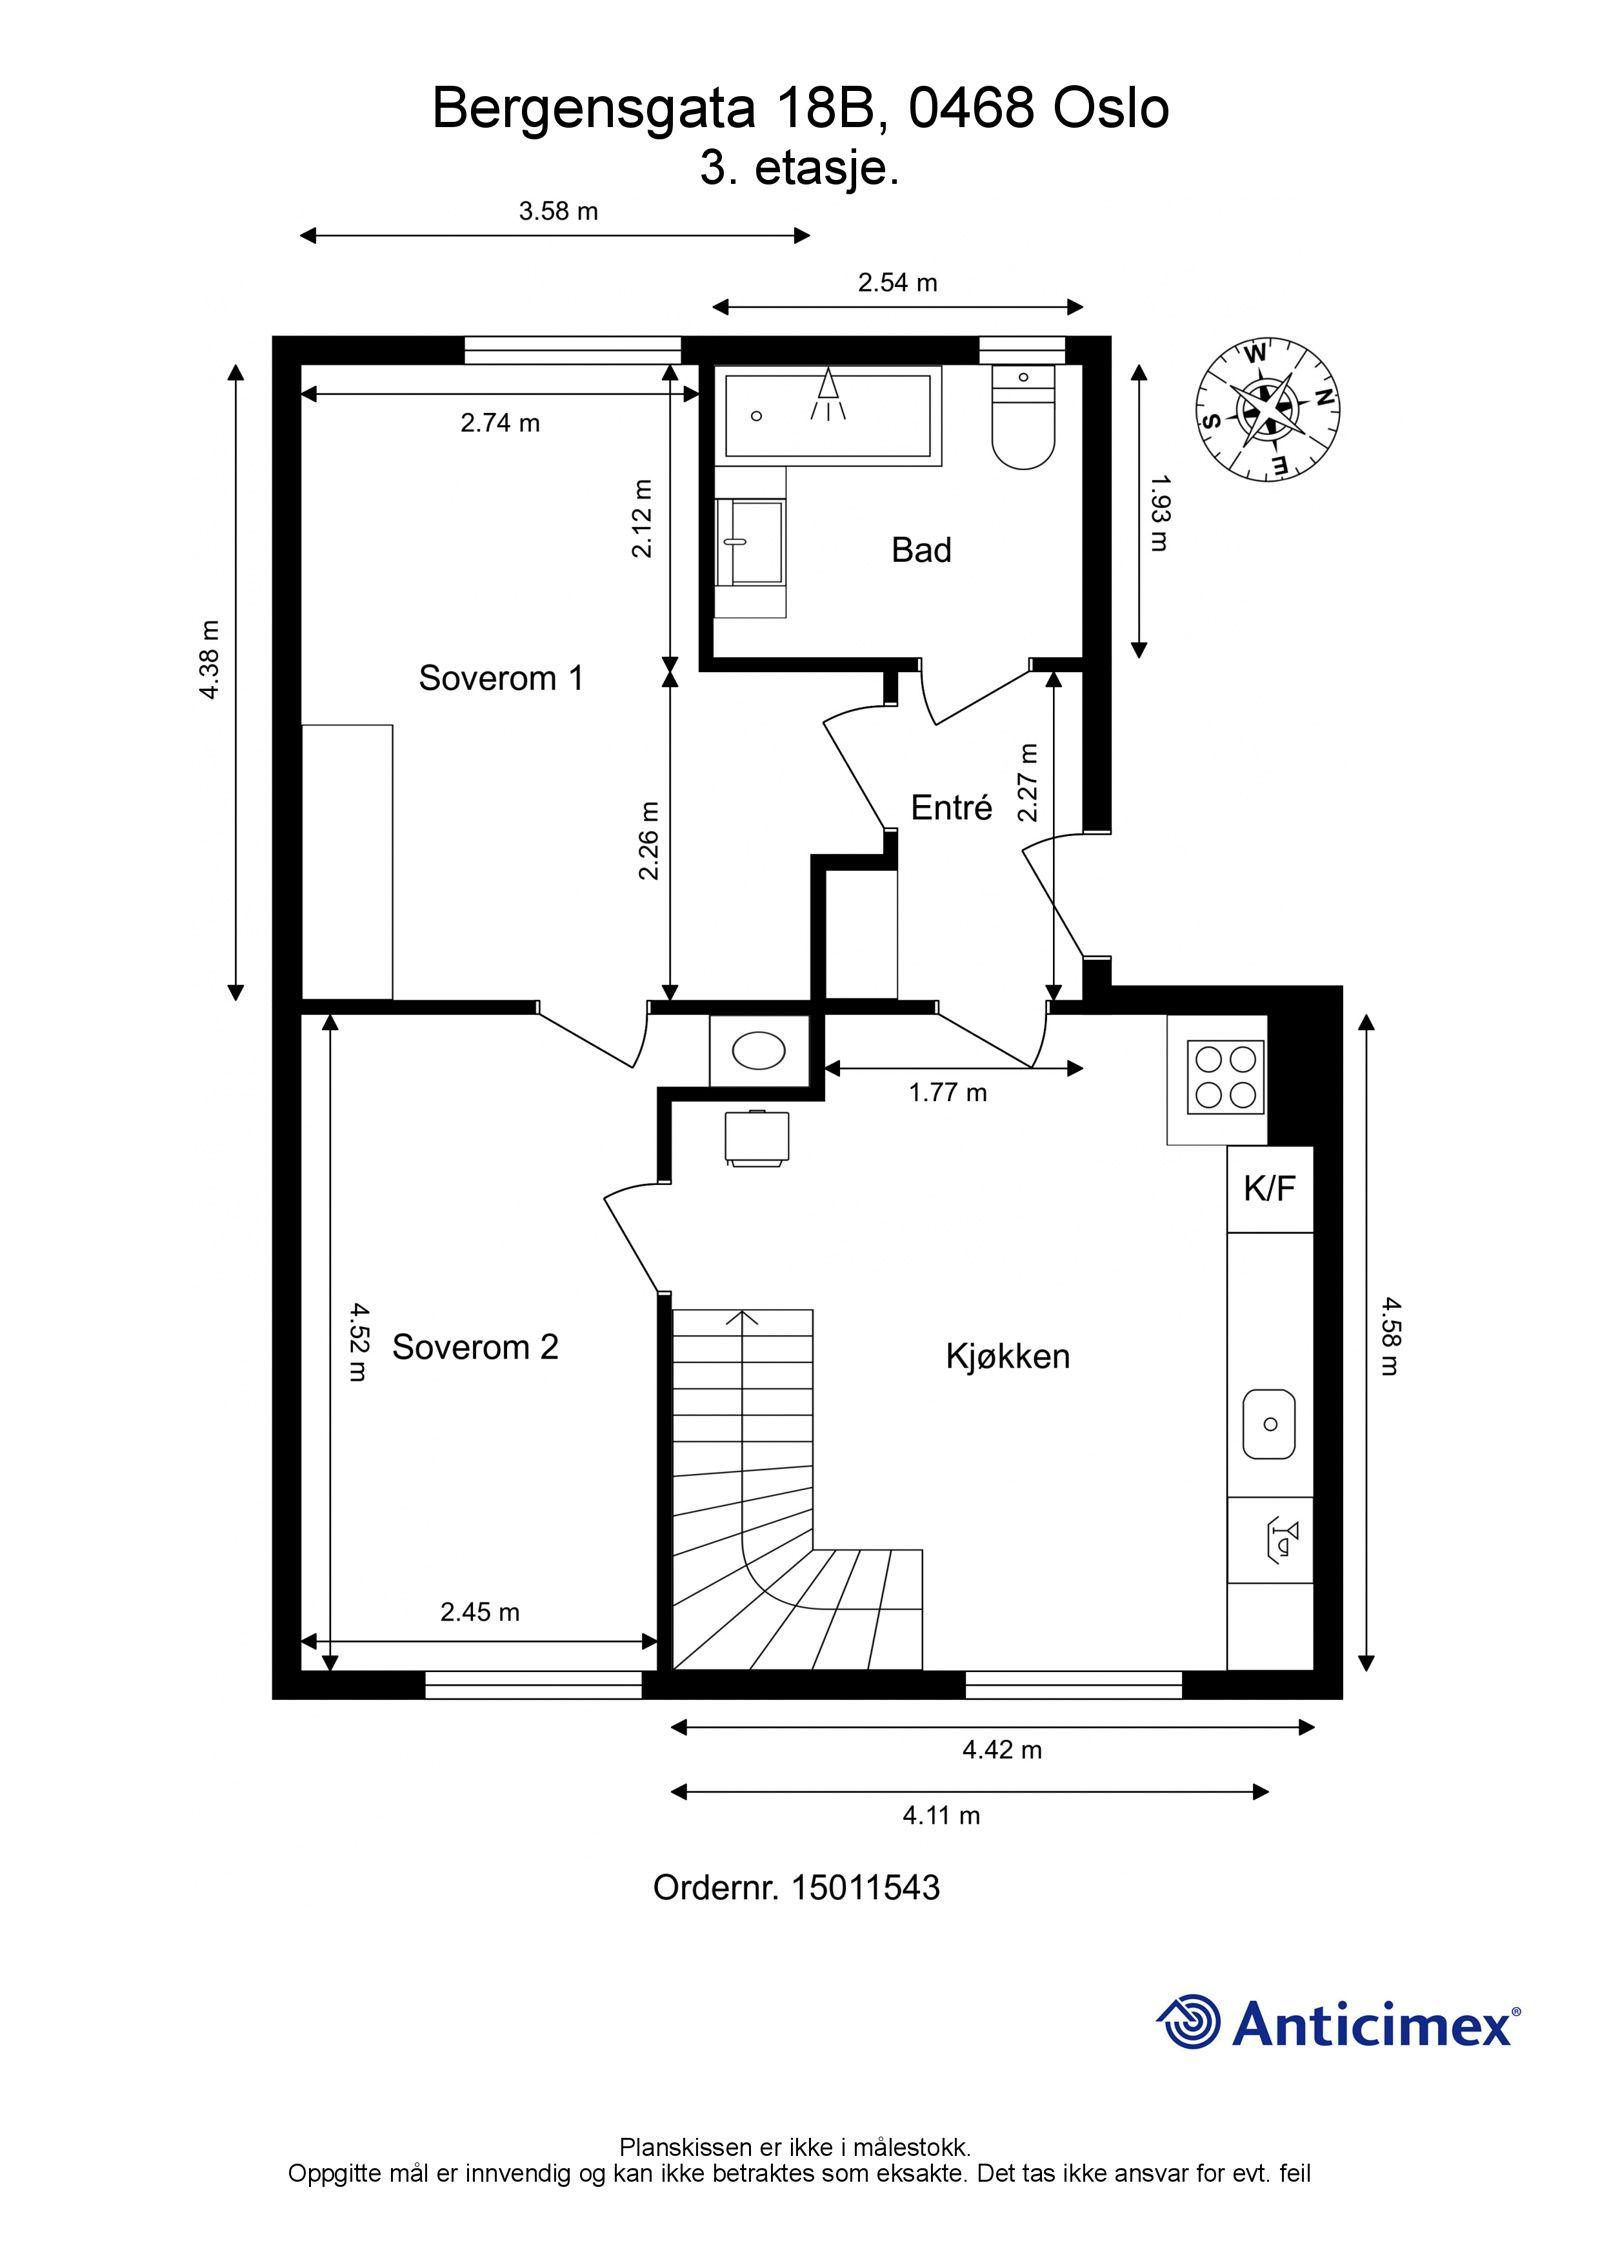 Bergensgata 18B Planskisse - Nedre plan